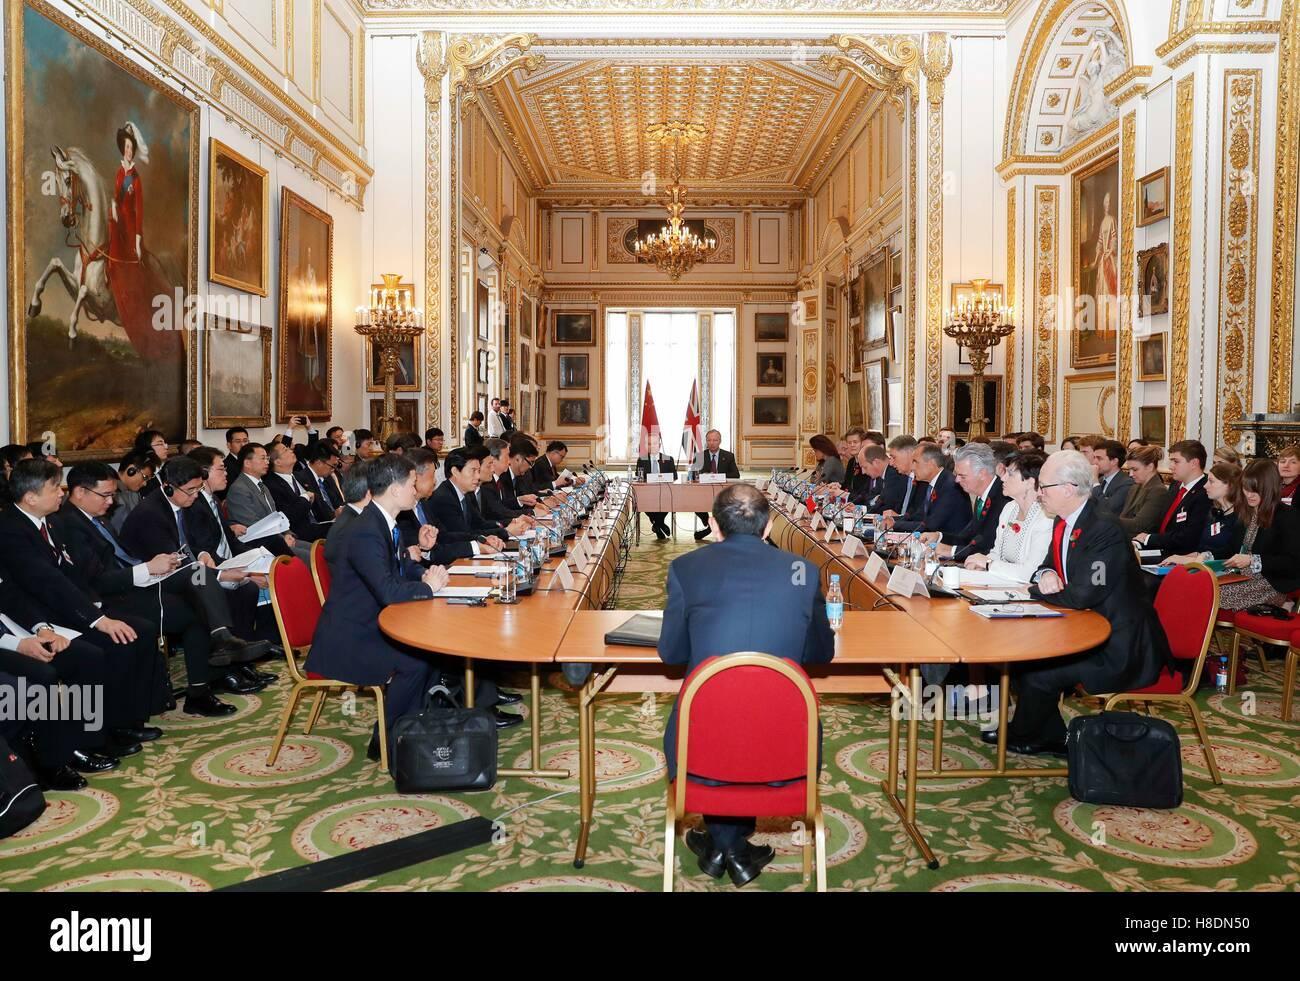 Londres, Reino Unido. 10 Nov, 2016. El Vice Premier chino Ma Kai co-preside la octava China-Britain un diálogo económico Foto de stock